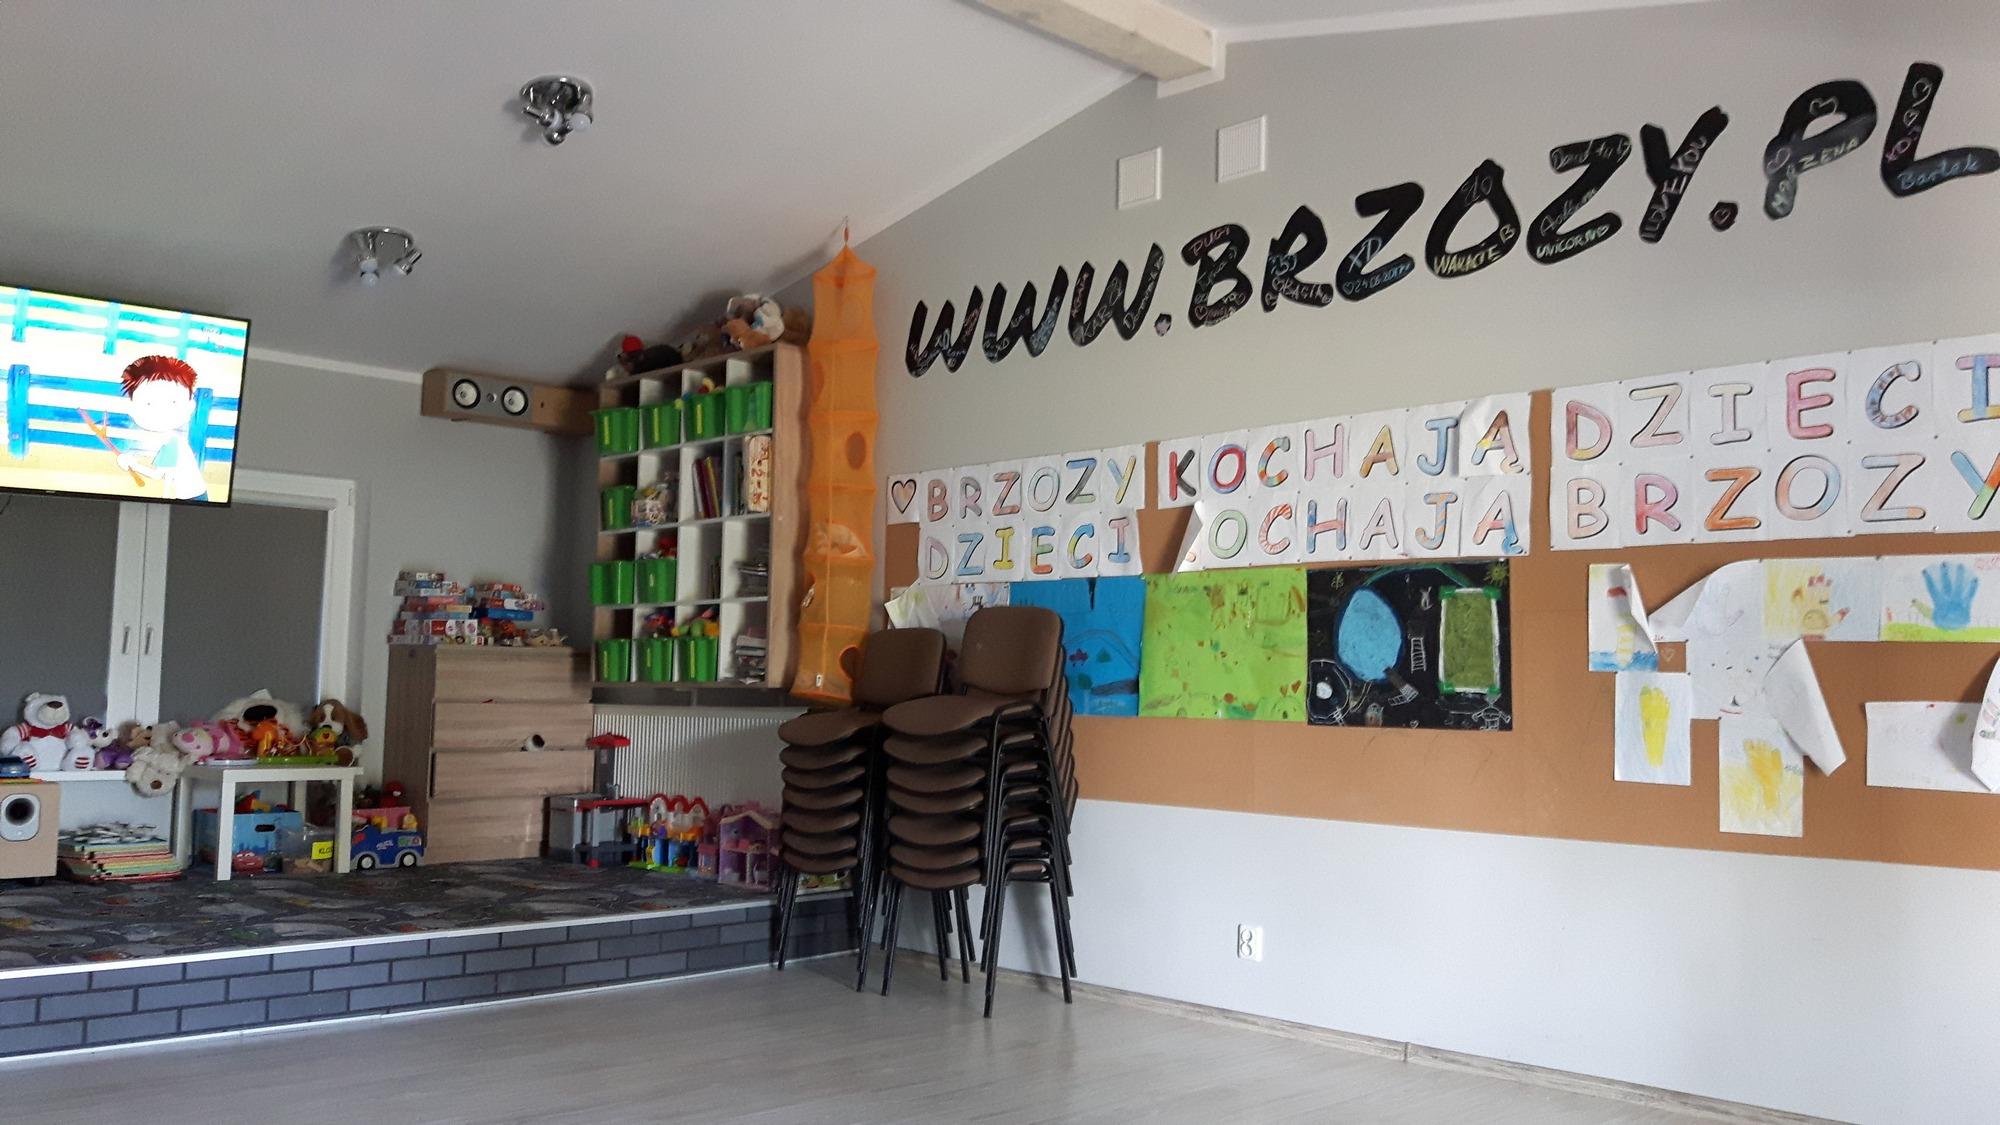 brzozy-brzozowka_02